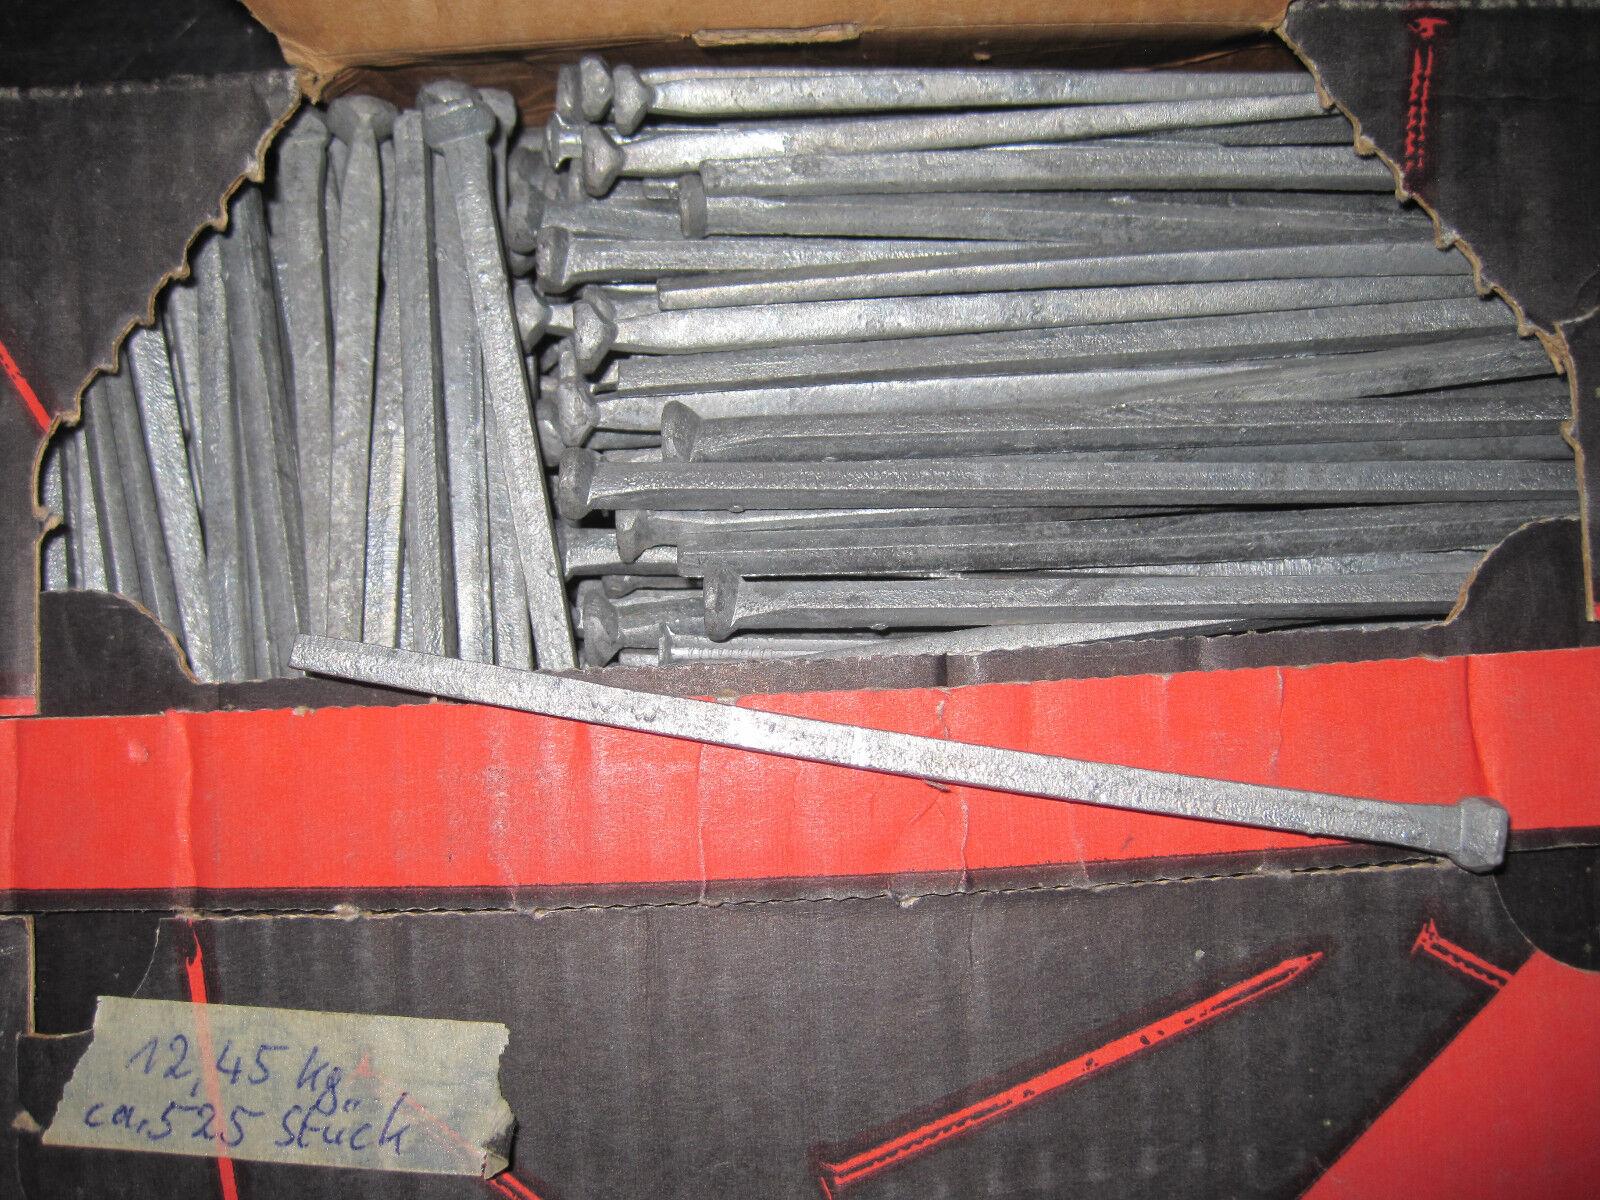 Gunnebo Klippspik geschmiedete und verzinkte kantige Nägel in 150 mm Länge